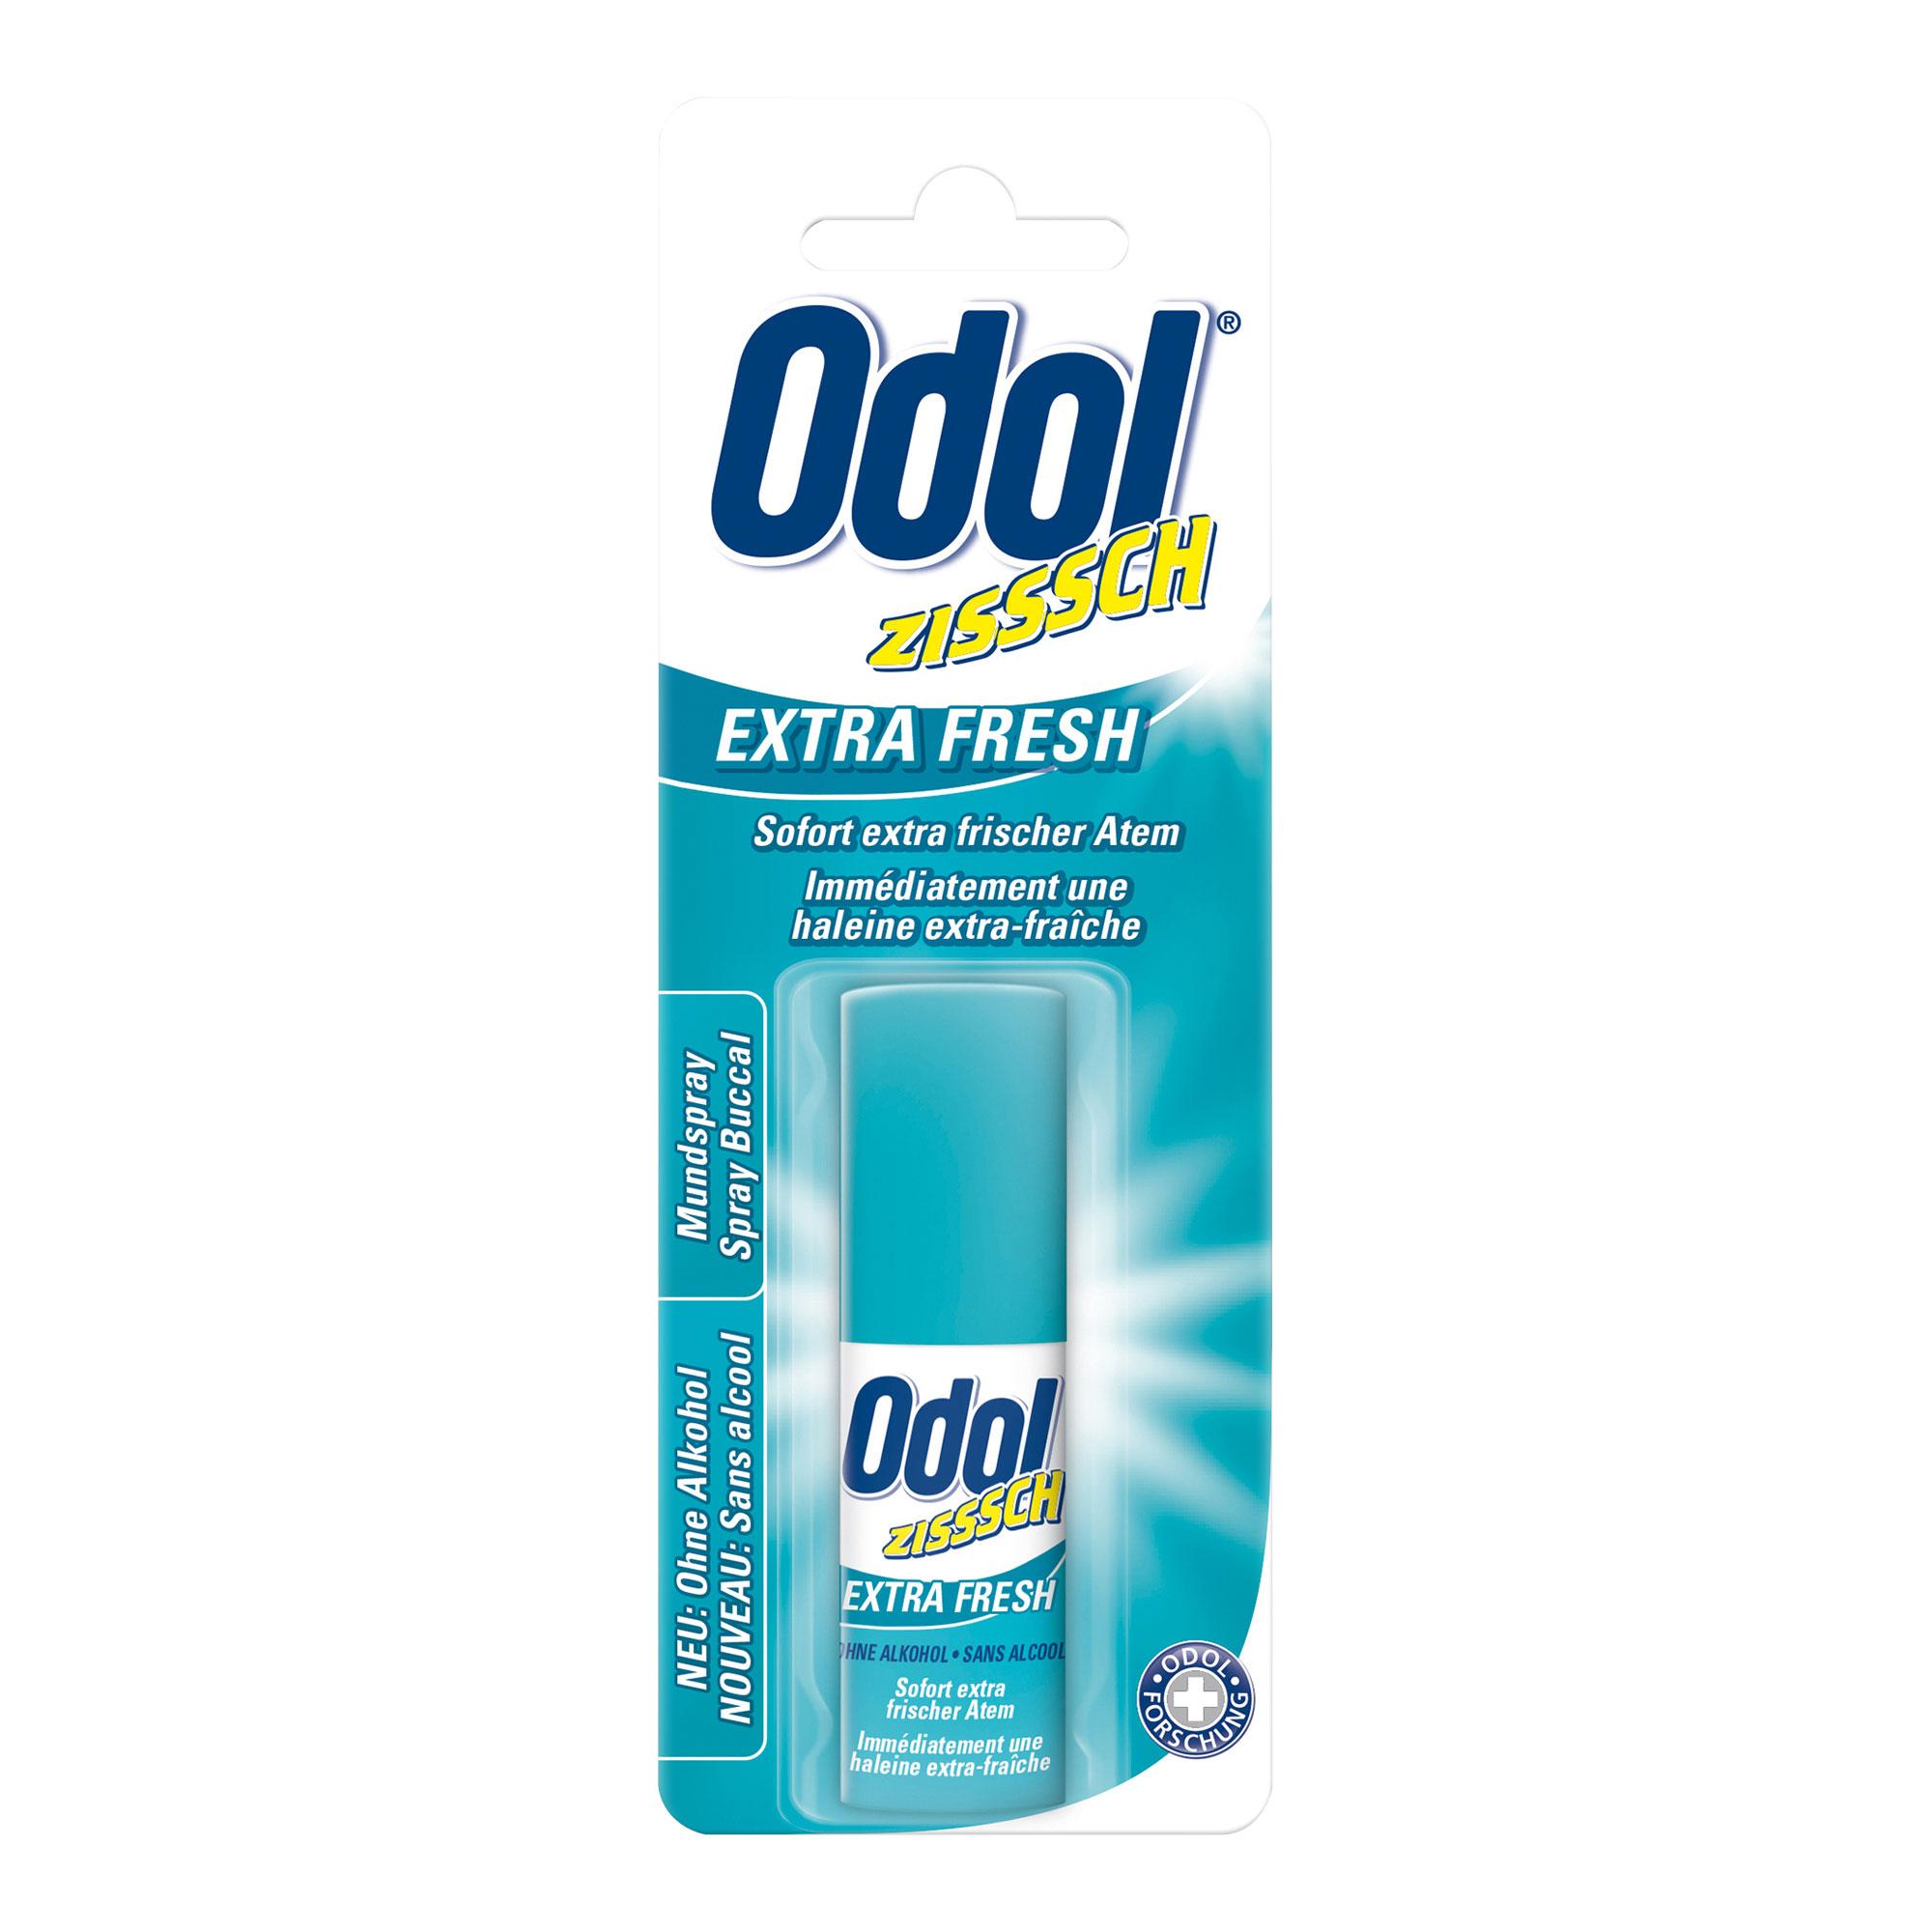 Odol Extra Fresh Mundspray